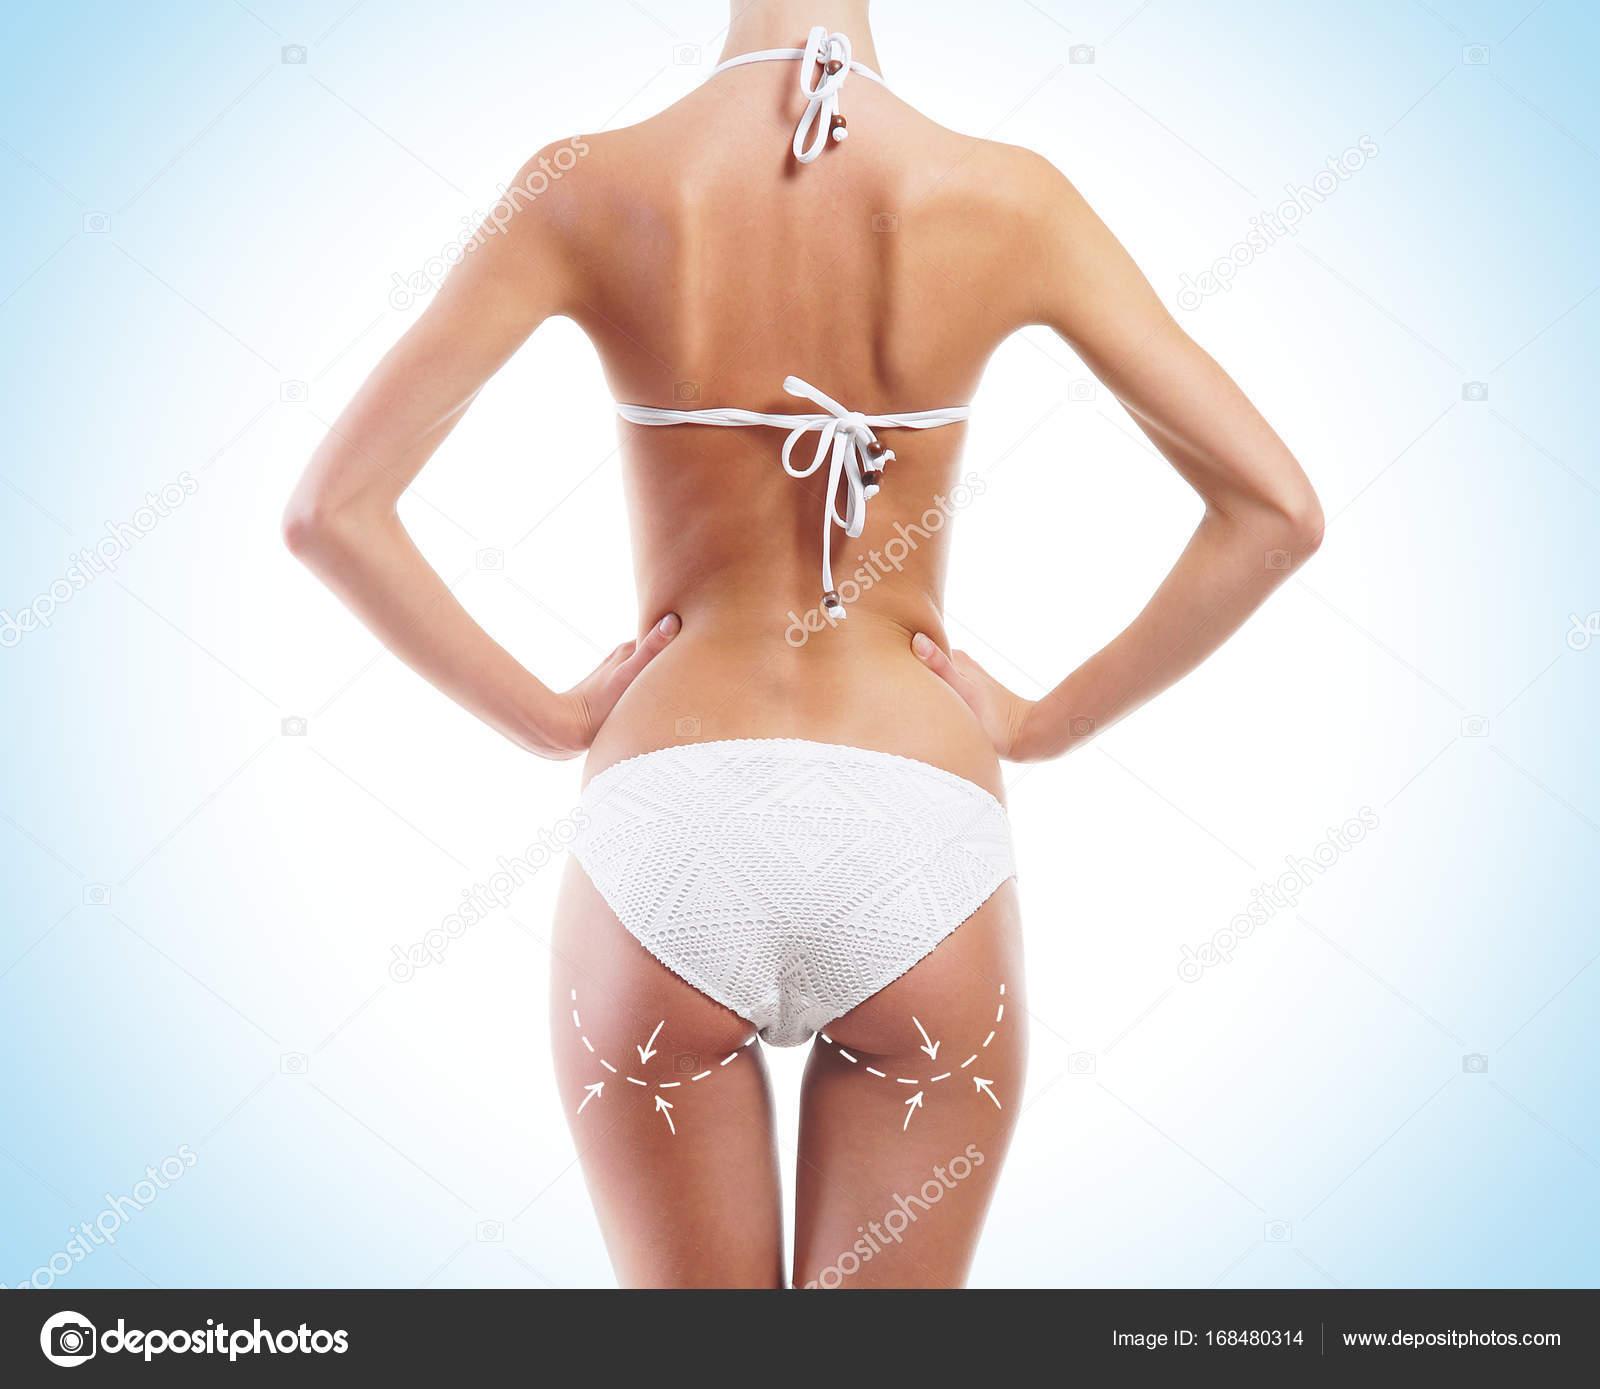 19f1f21cd Ajuste e desportiva mulher em traje de banho biquíni branco com setas no  seu plano de fundo do corpo